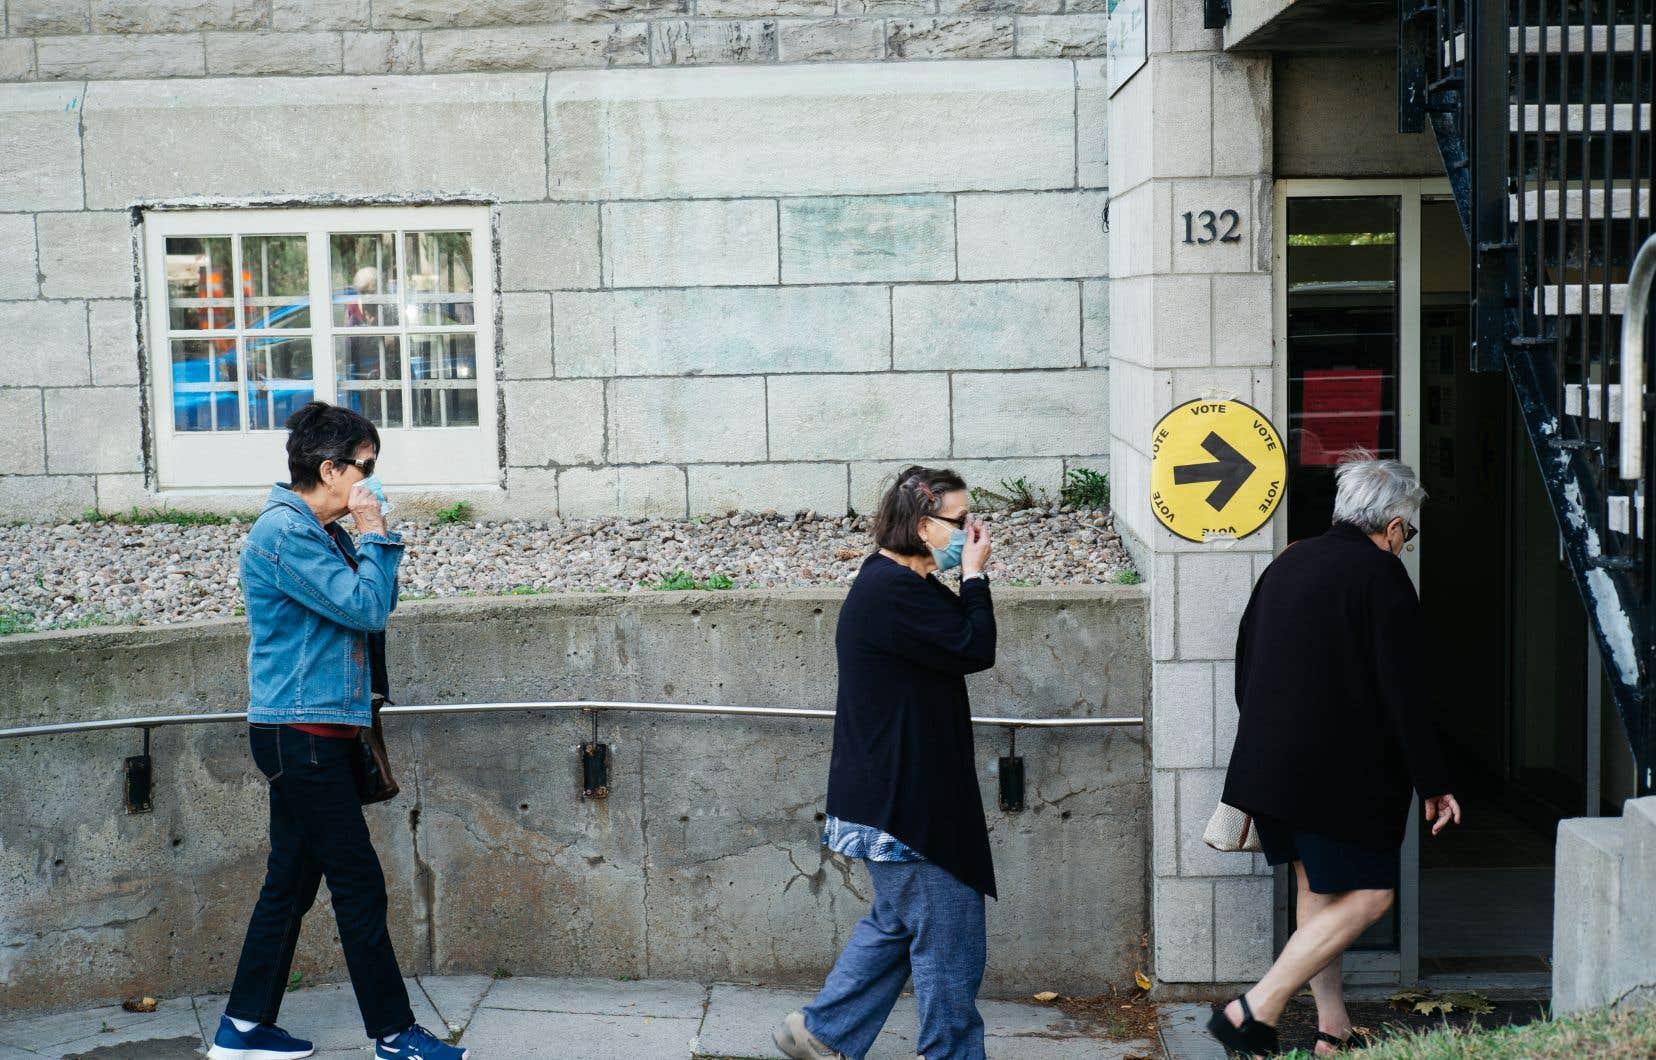 Des citoyens se rendent à un bureau électoral, à Longueuil, lors d'une journée de vote par anticipation, la semaine dernière.